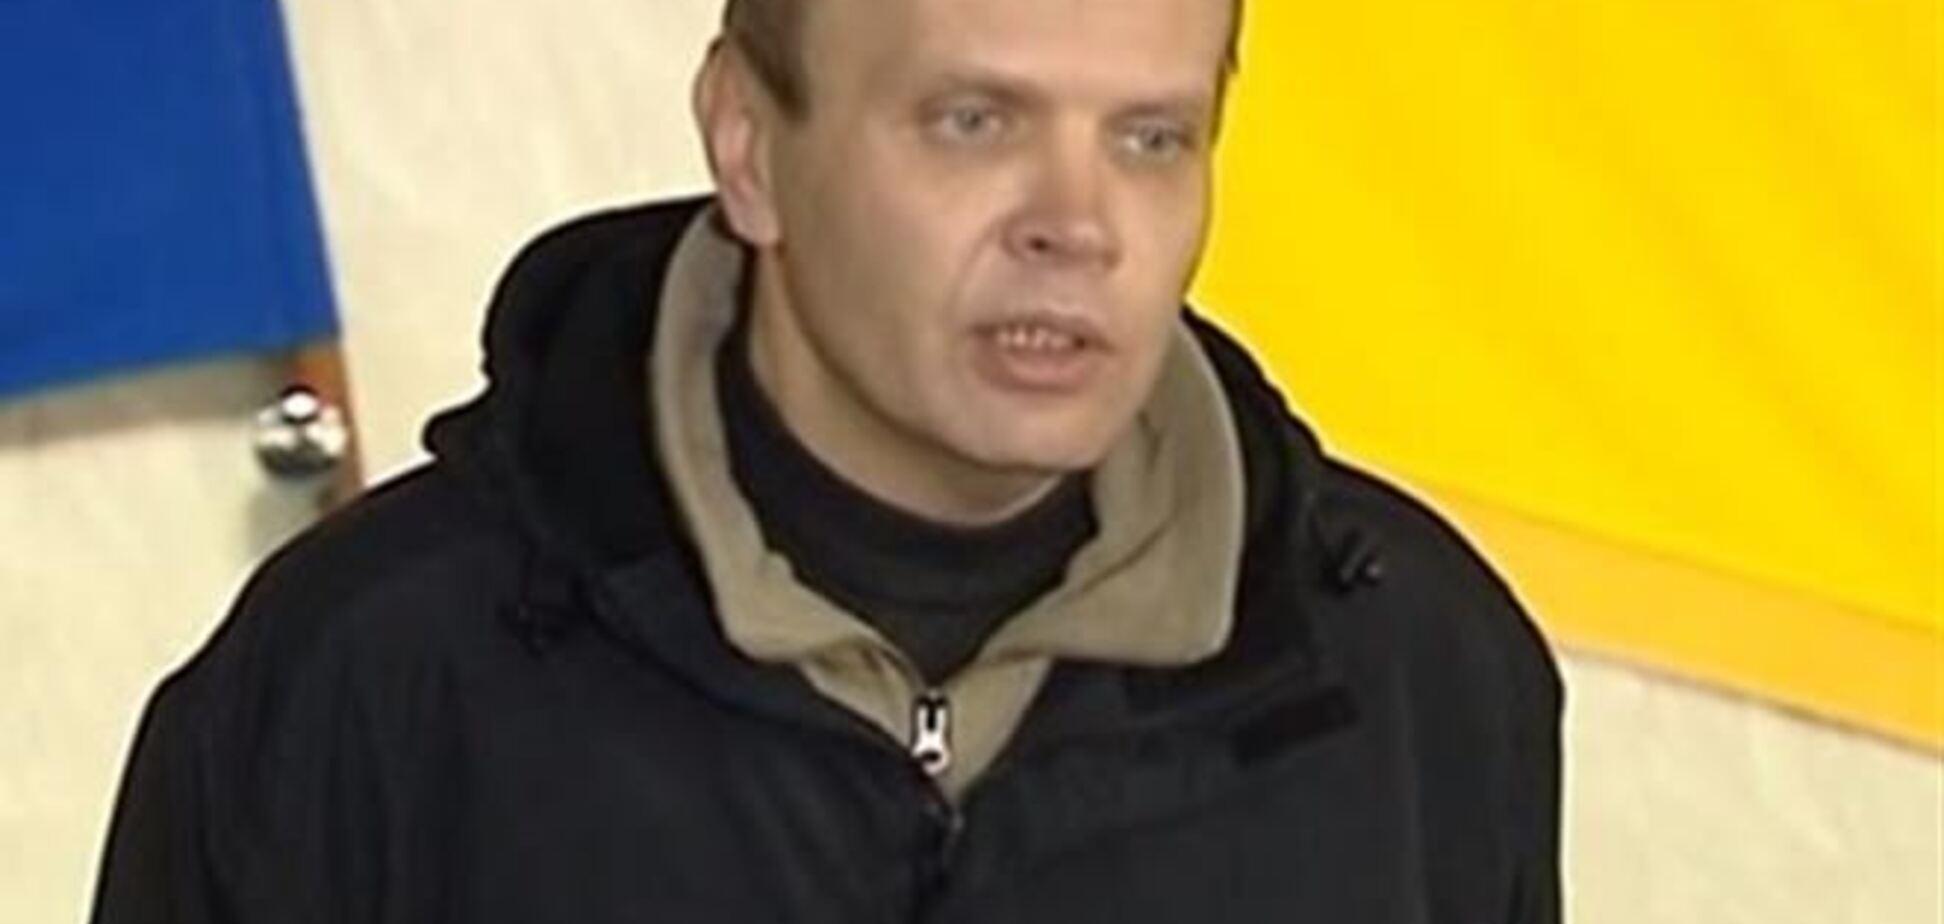 Біля готелю 'Дніпро' впізнали скандального полковника Асавелюк